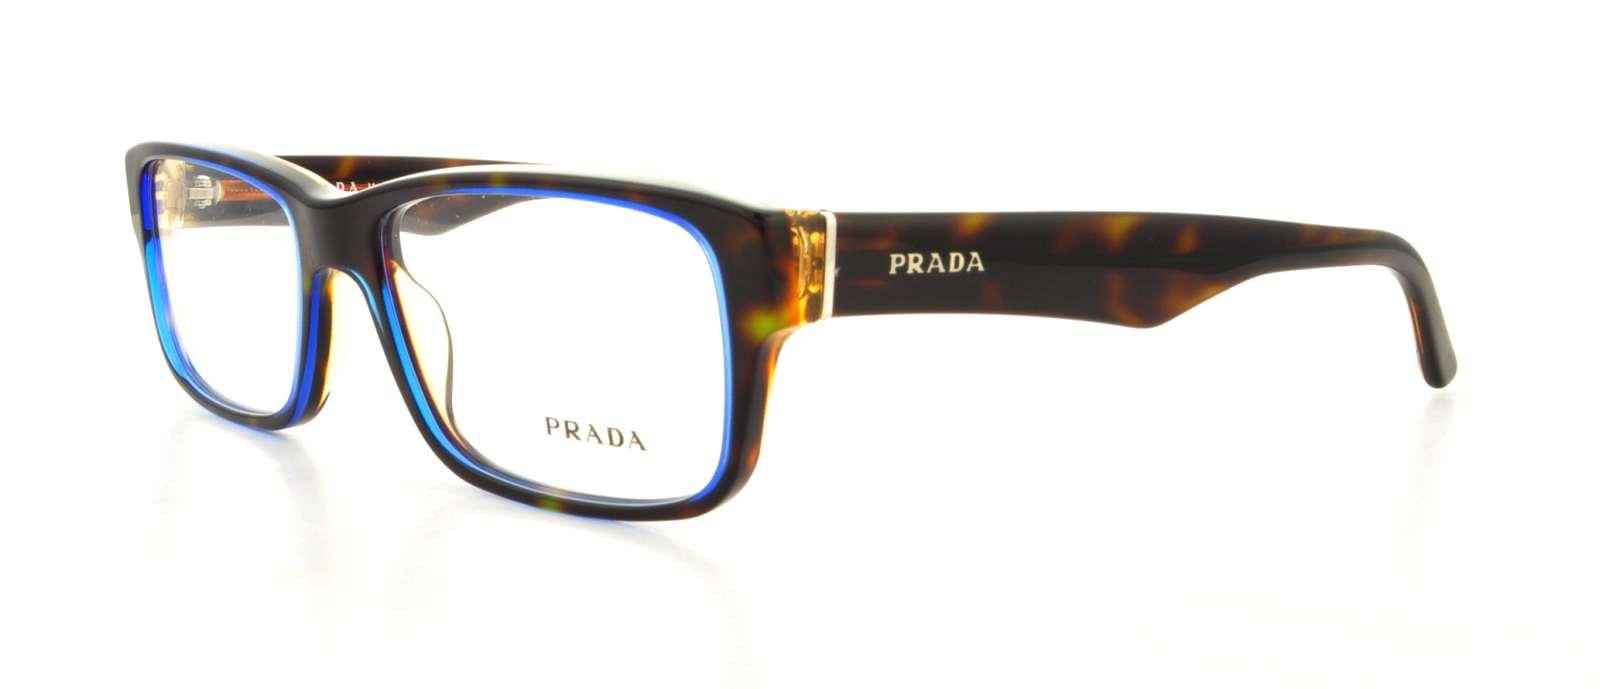 PRADA Eyeglasses PR16MV ZXH1O1 Tortoise Denim 53MM 710882508586 | eBay